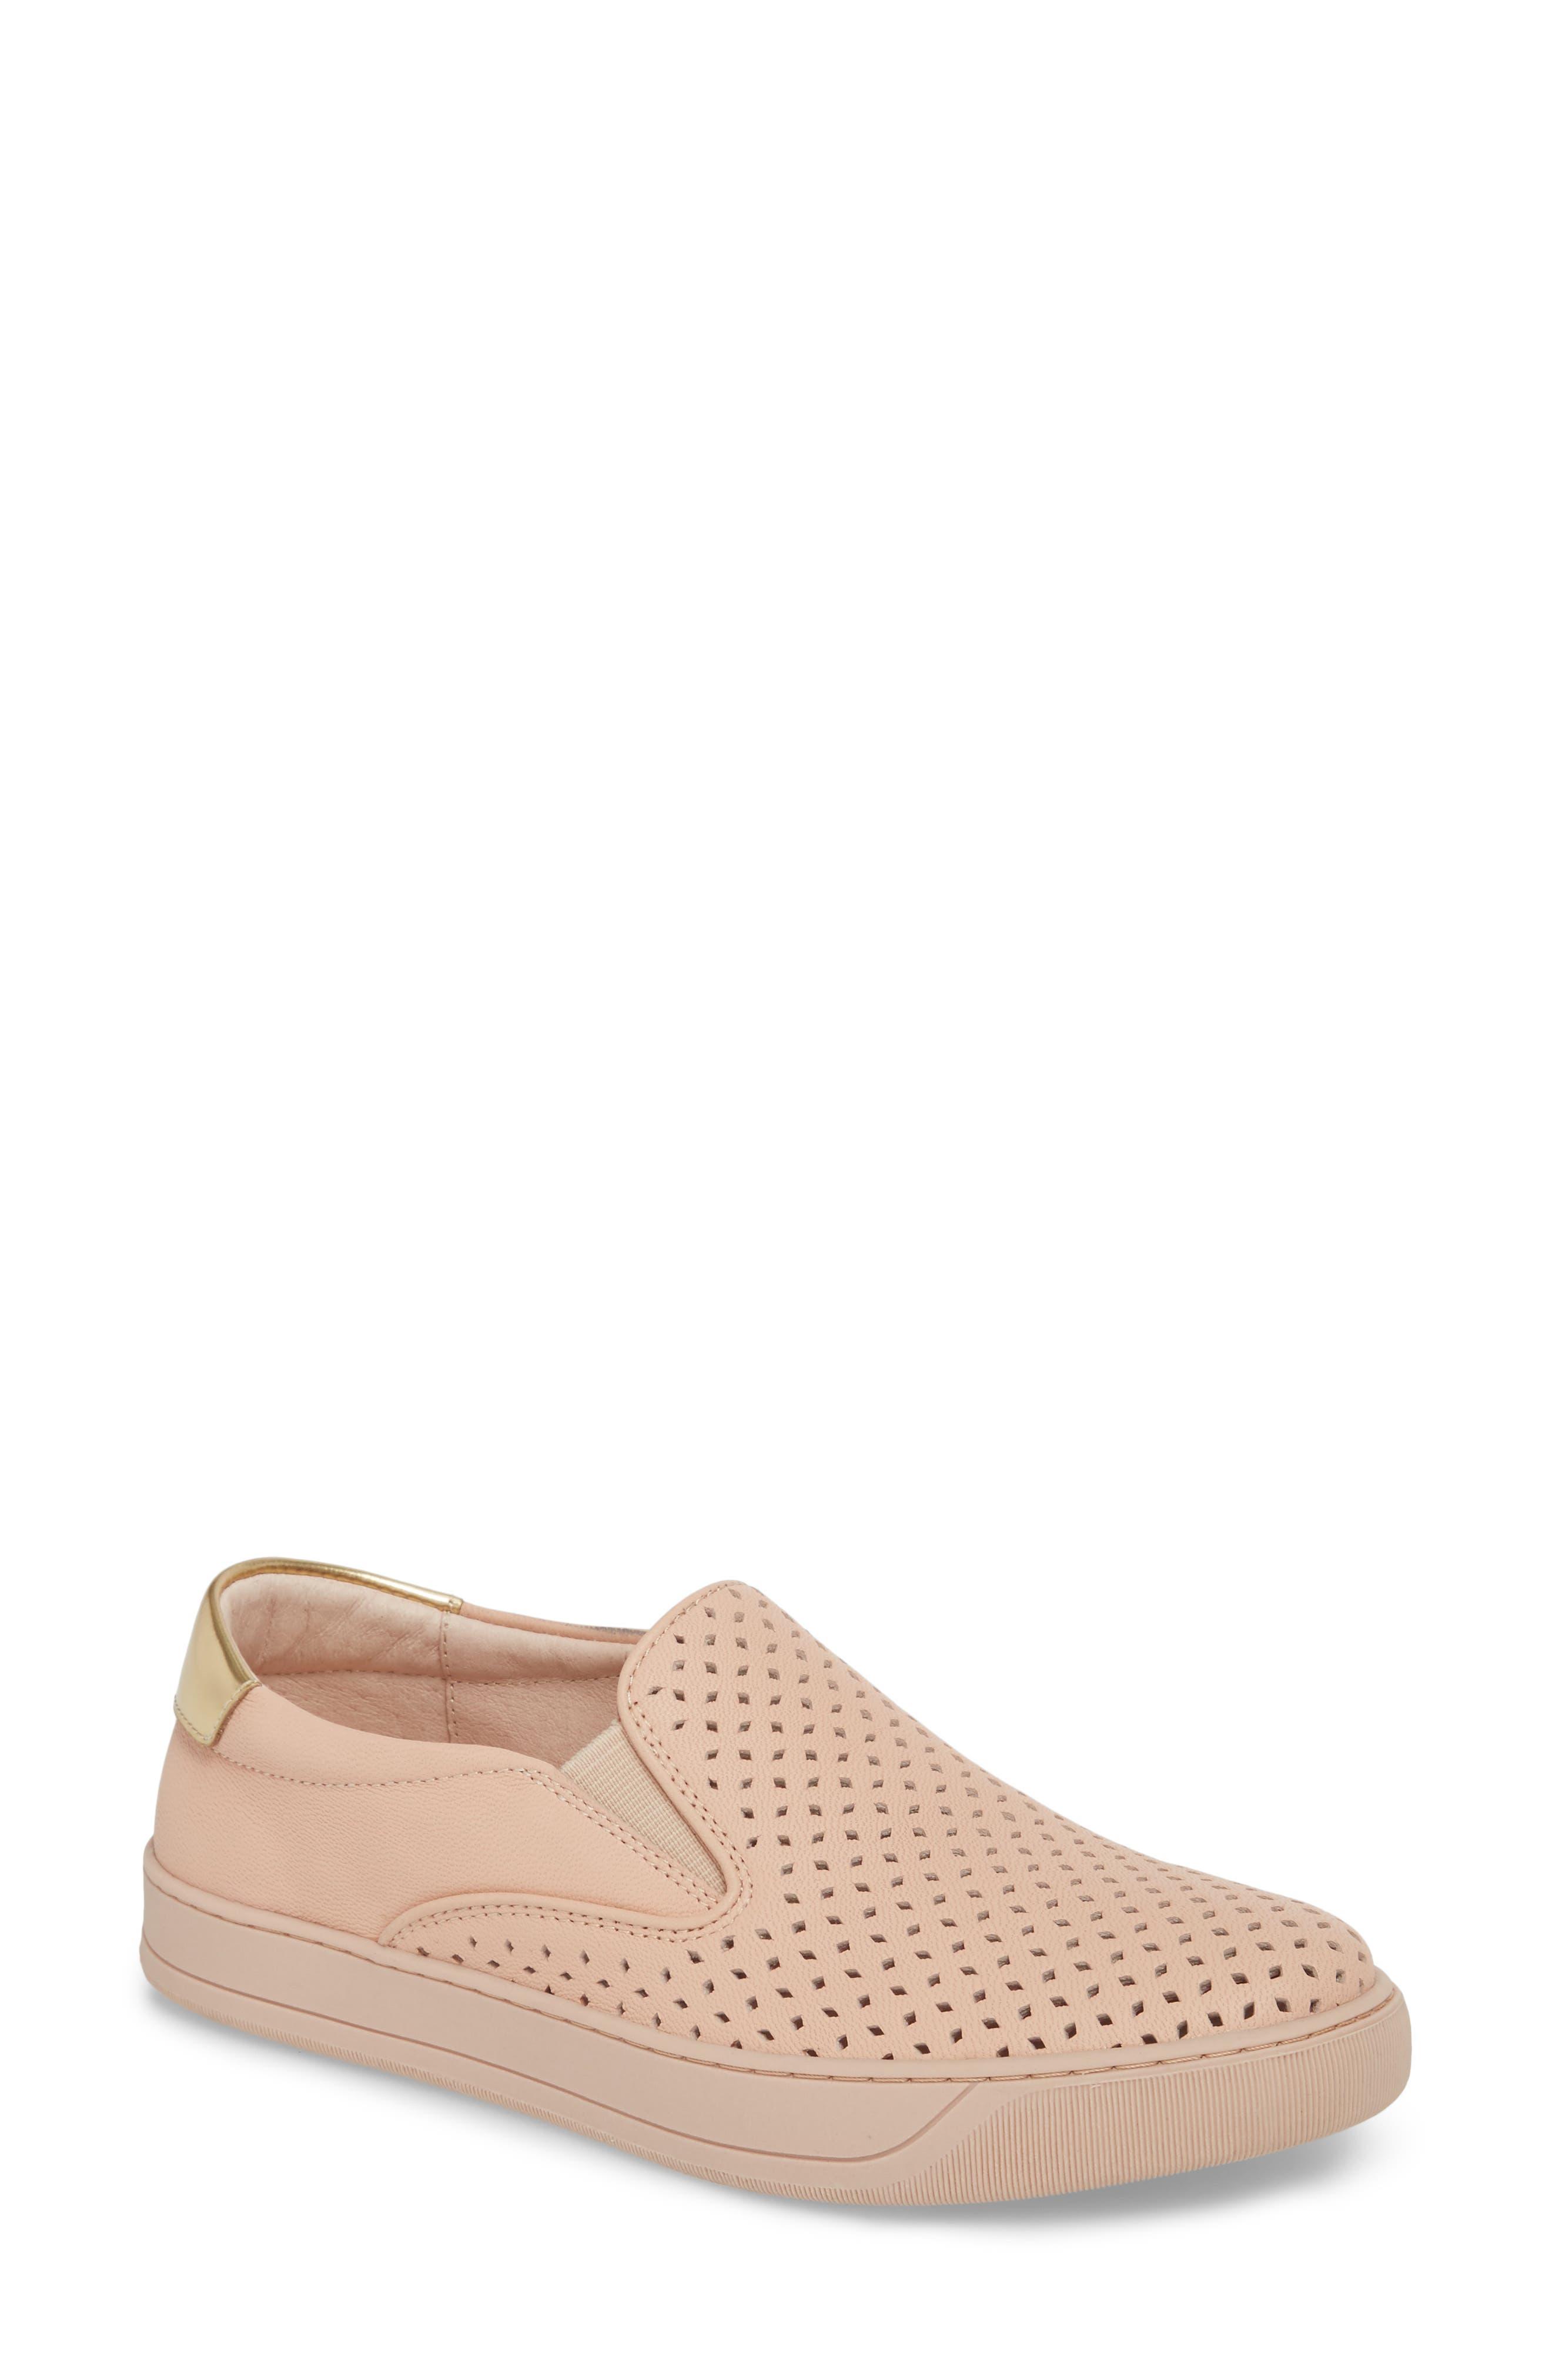 Johnston & Murphy Elaine Slip-On Sneaker, Pink